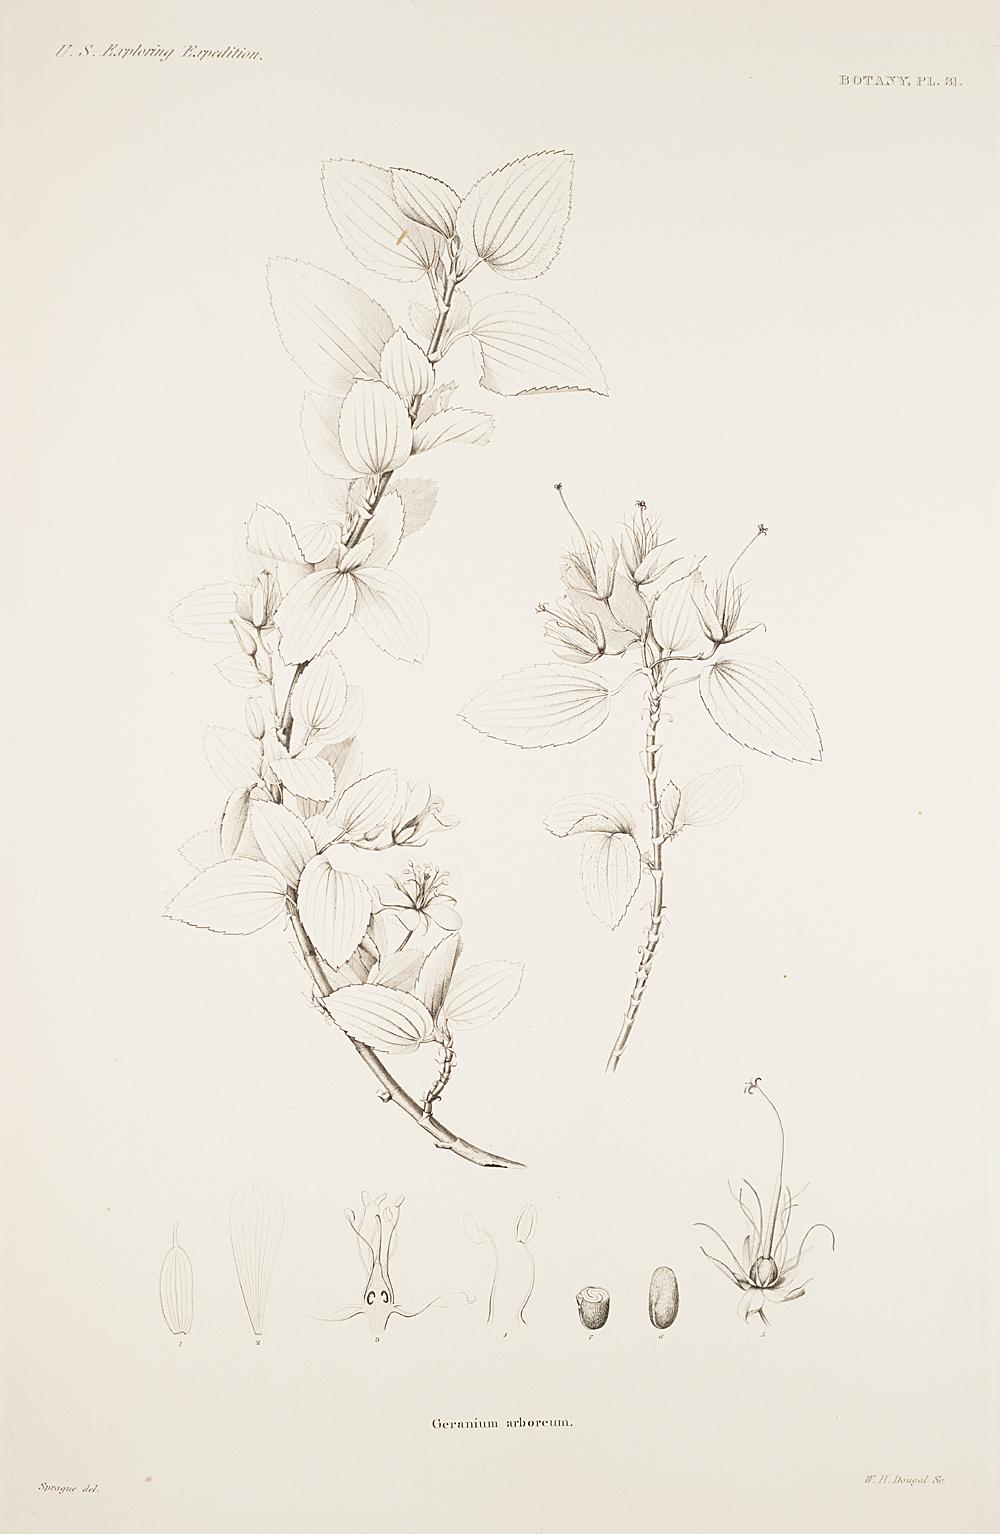 Botany, Pl. 31,  Image number:sil19-23-073b